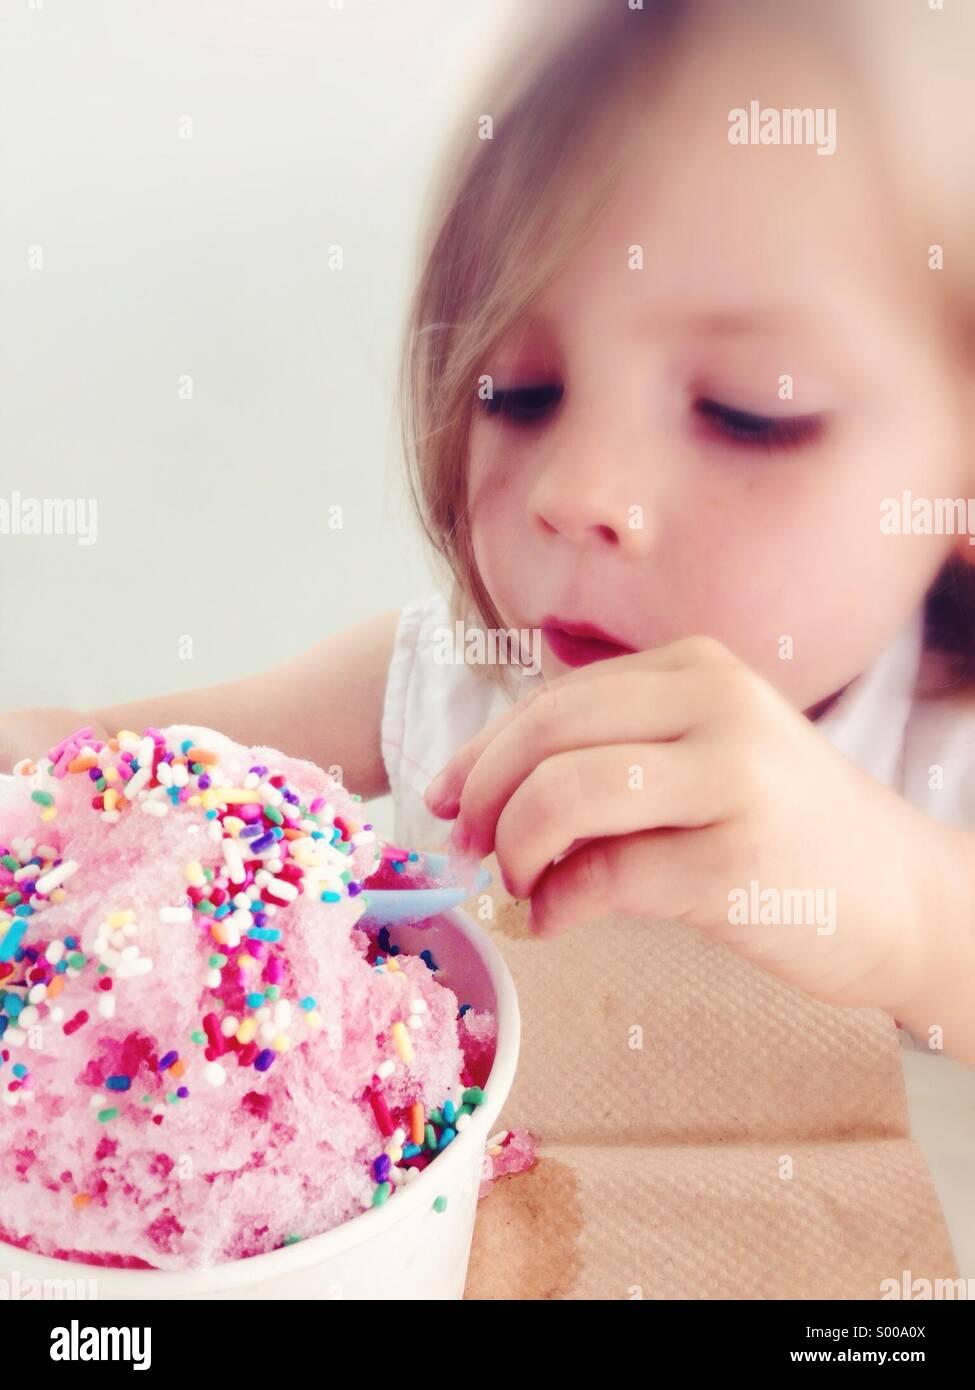 Ein kleines Mädchen genießt eine gefrorene Behandlung mit Streuseln obendrauf Stockbild